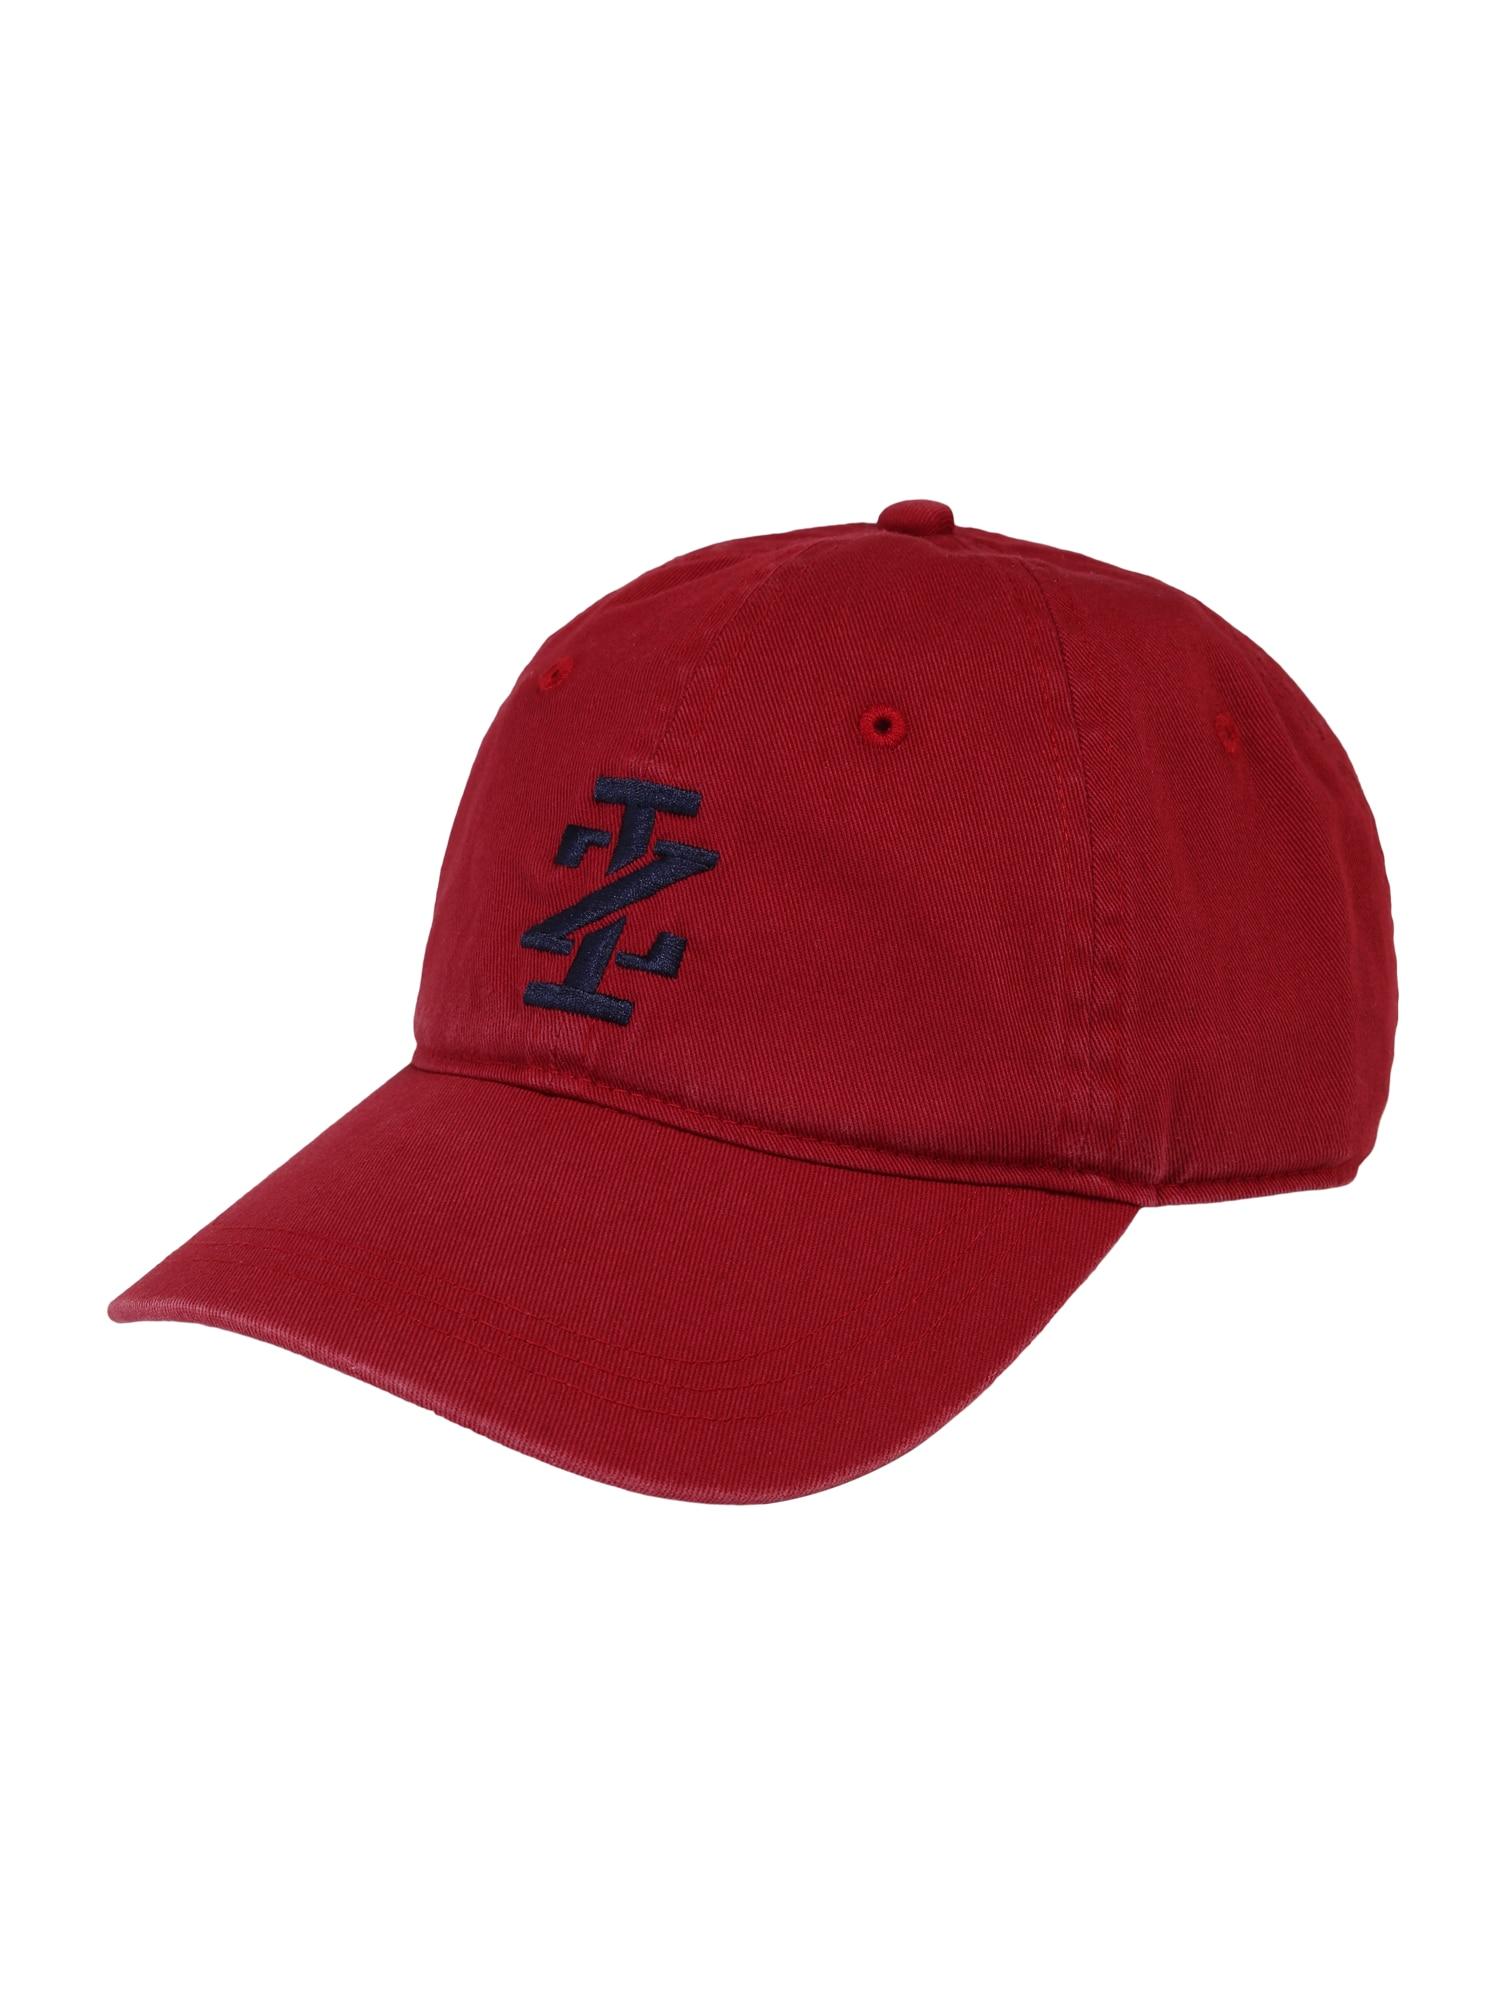 IZOD Kepurė raudona